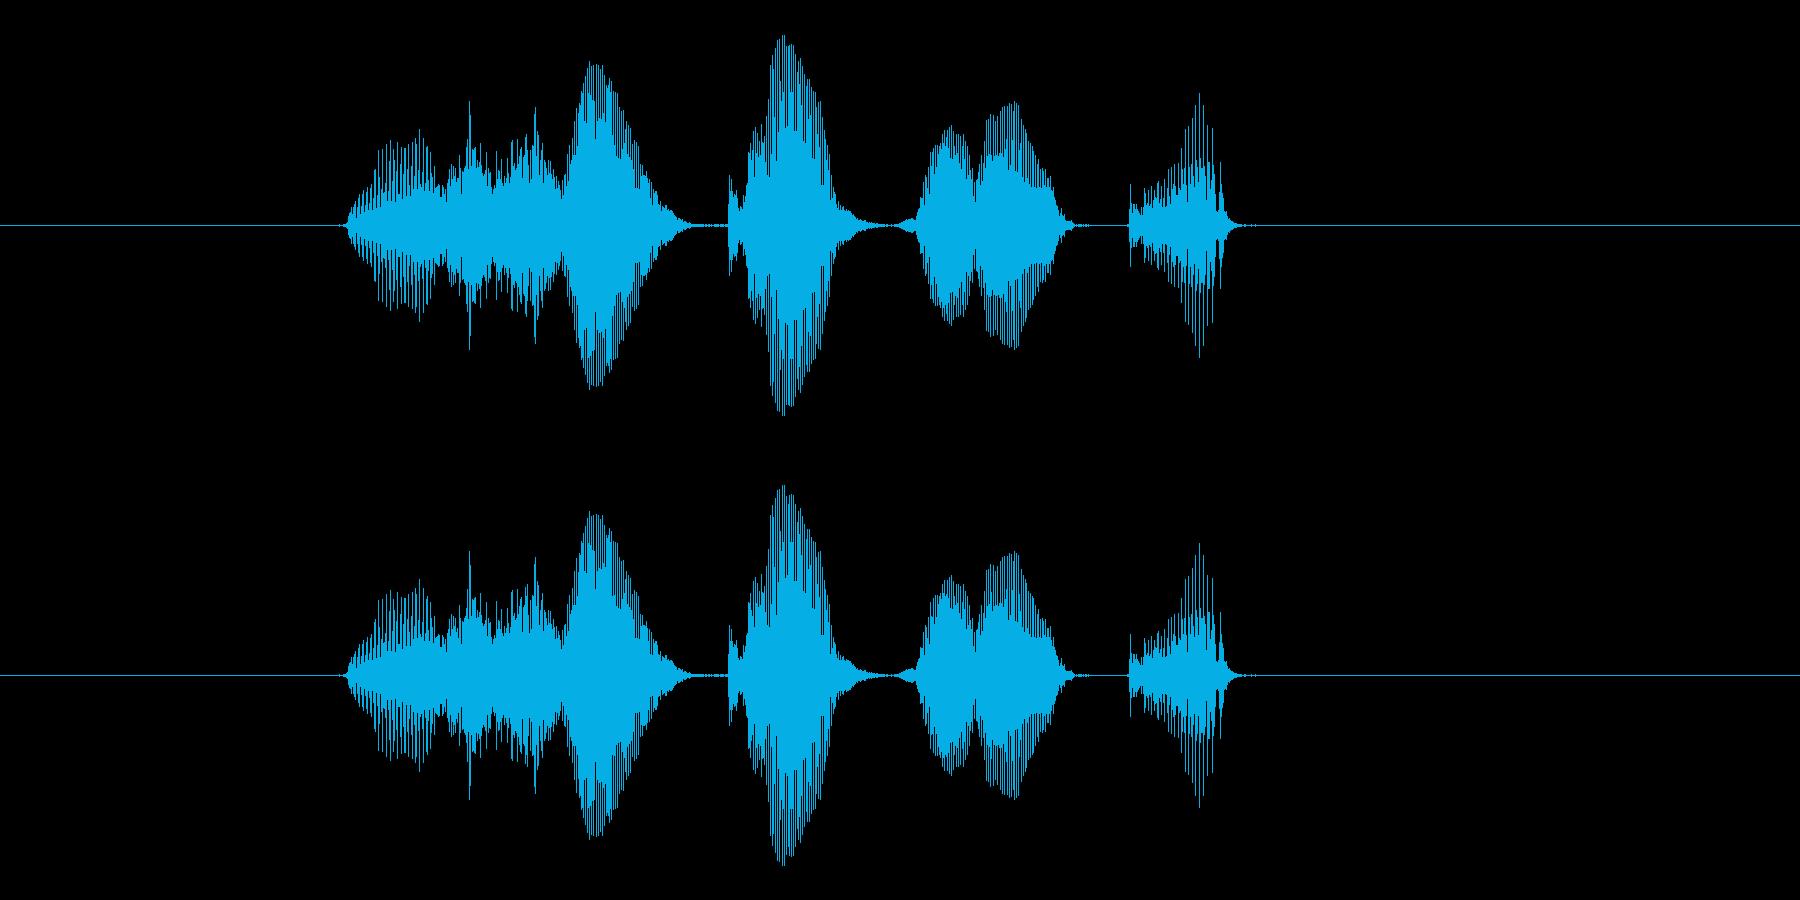 【システム】ミッションコンプリートの再生済みの波形